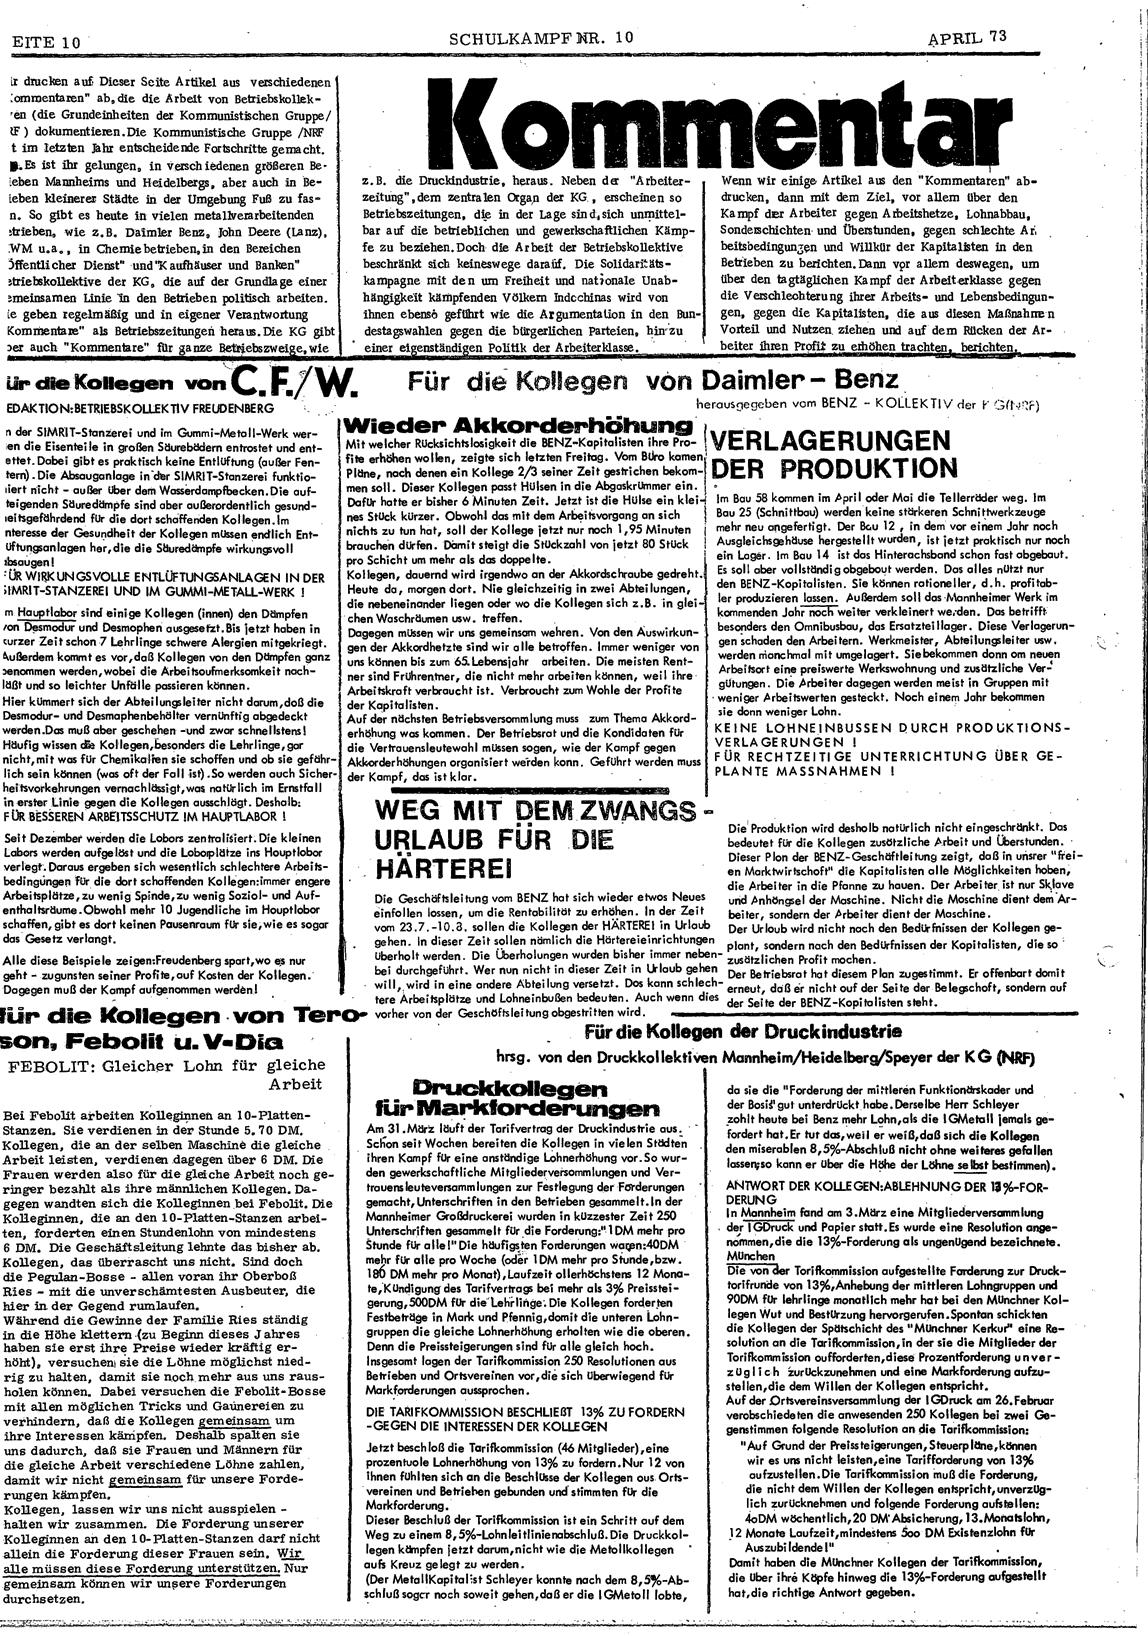 Schulkampf_HD_1973_10_10